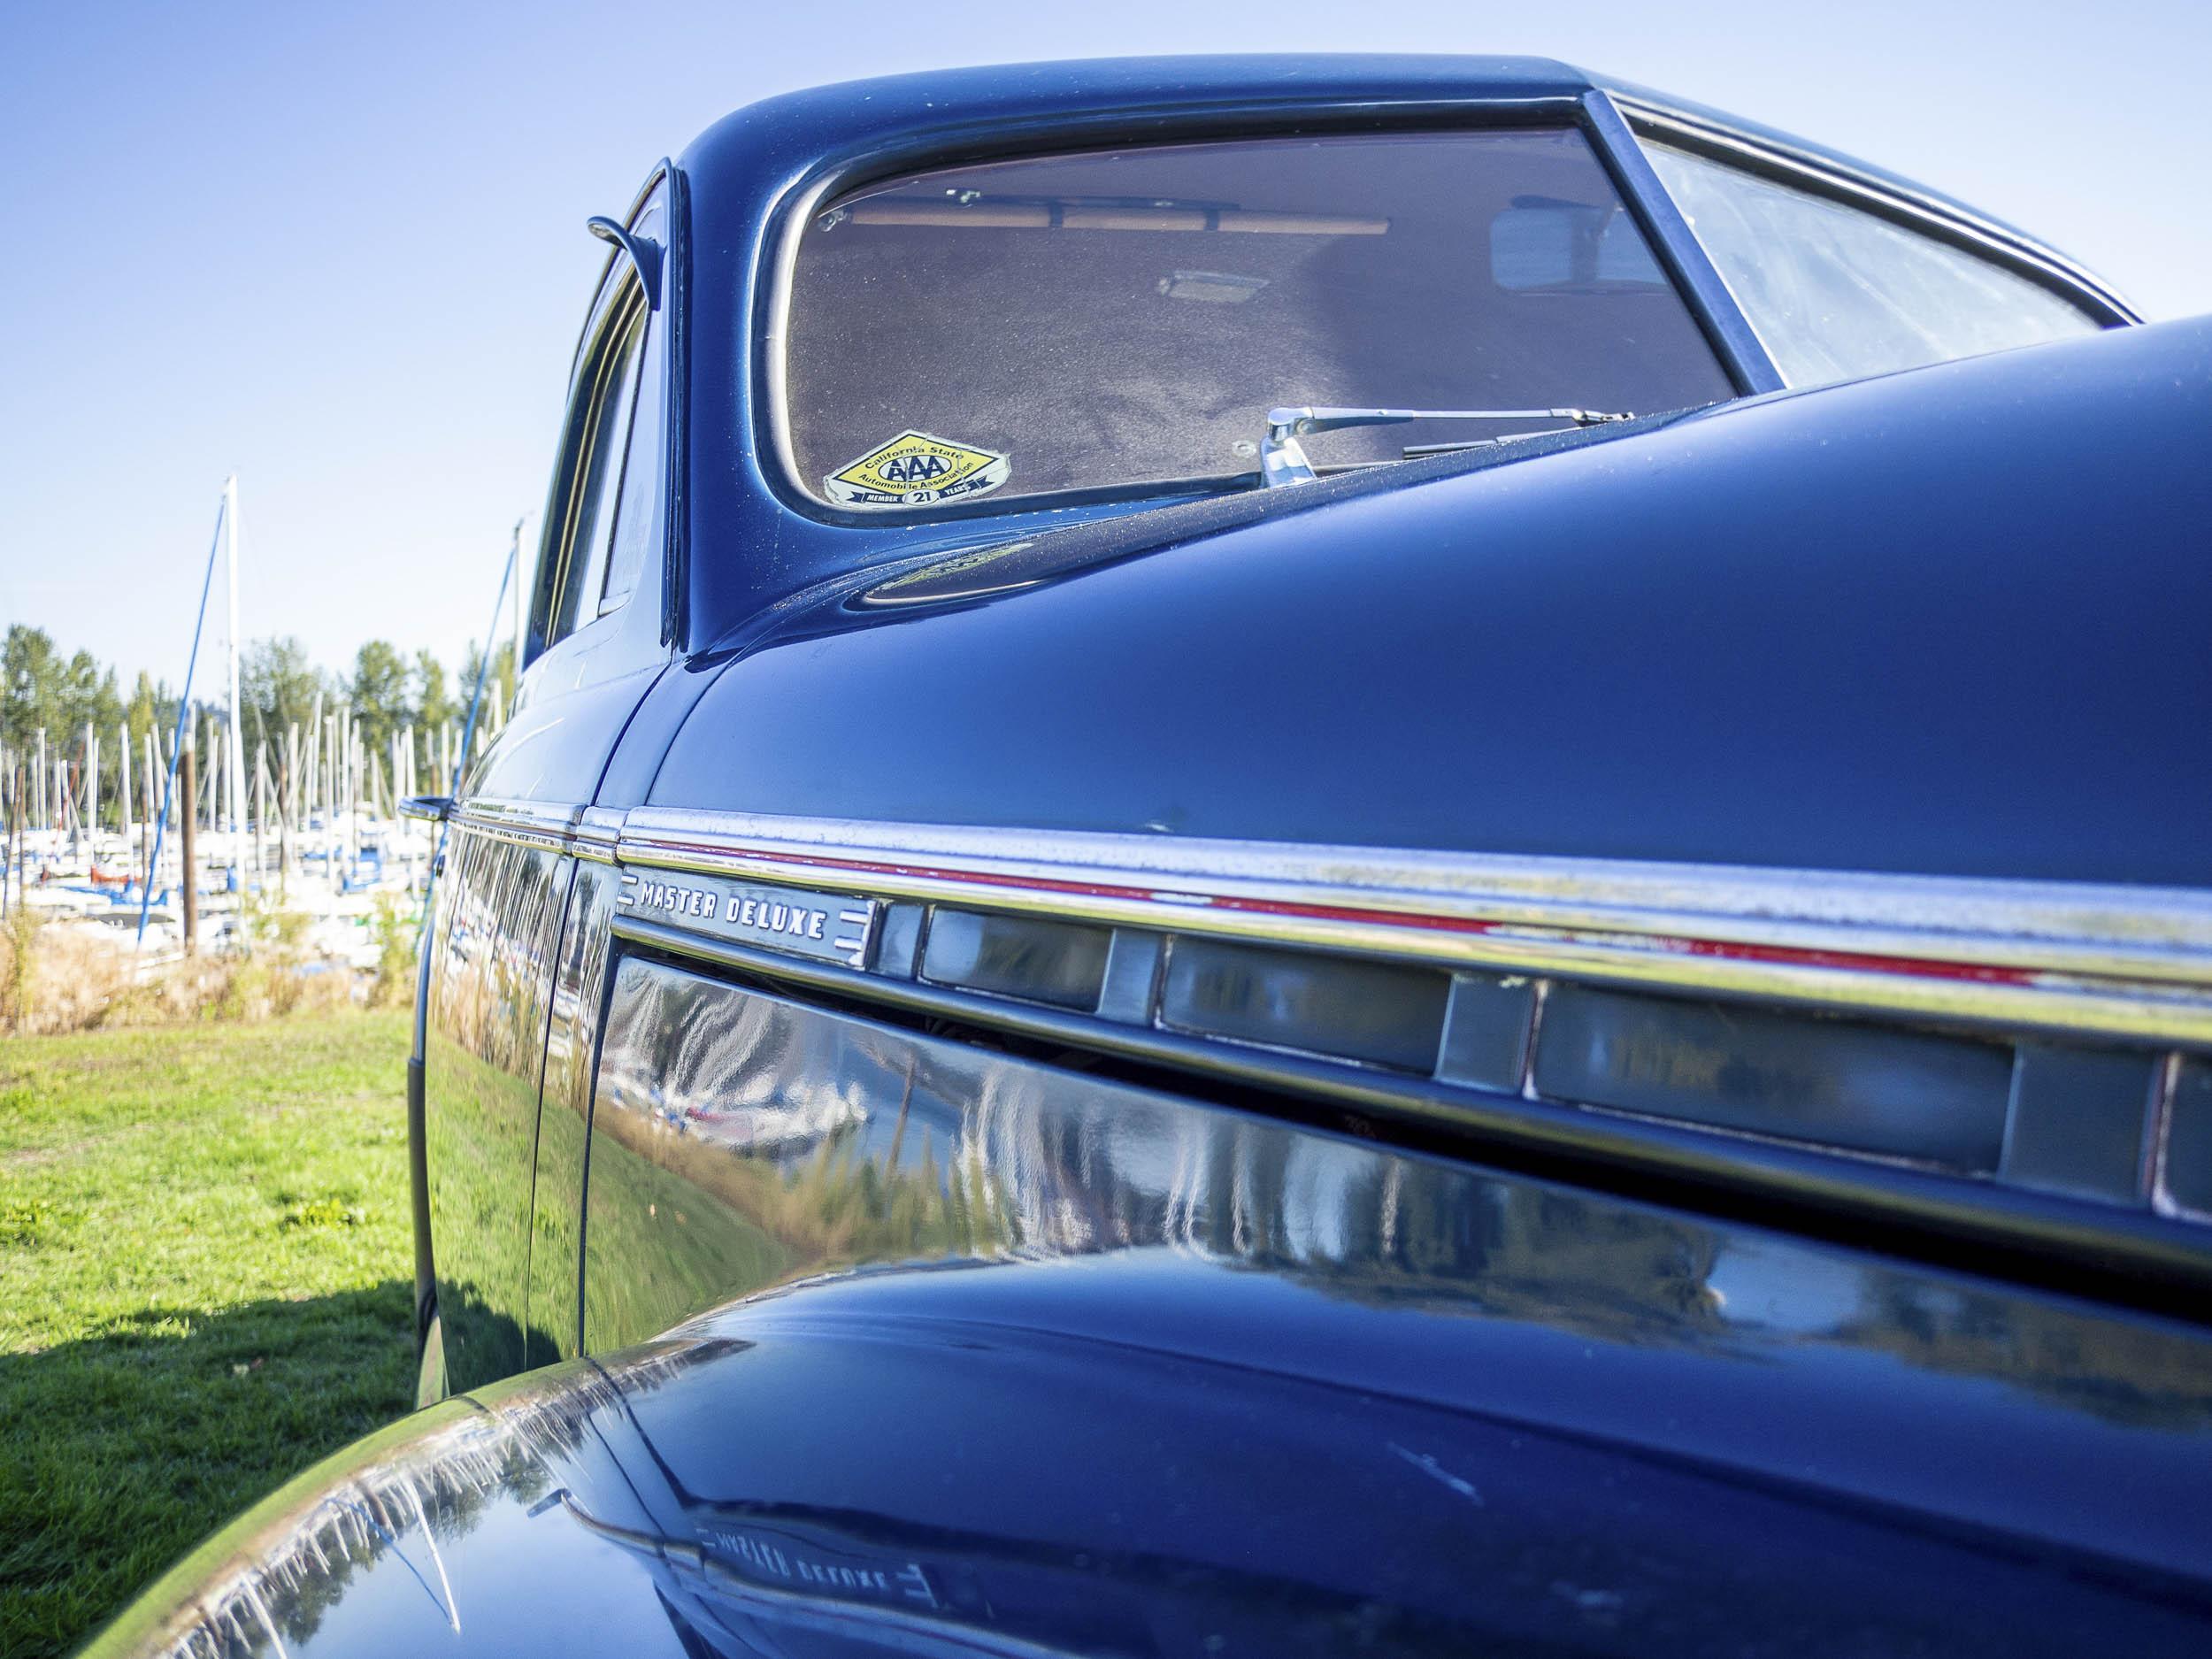 1941 Chevrolet Master Deluxe detail